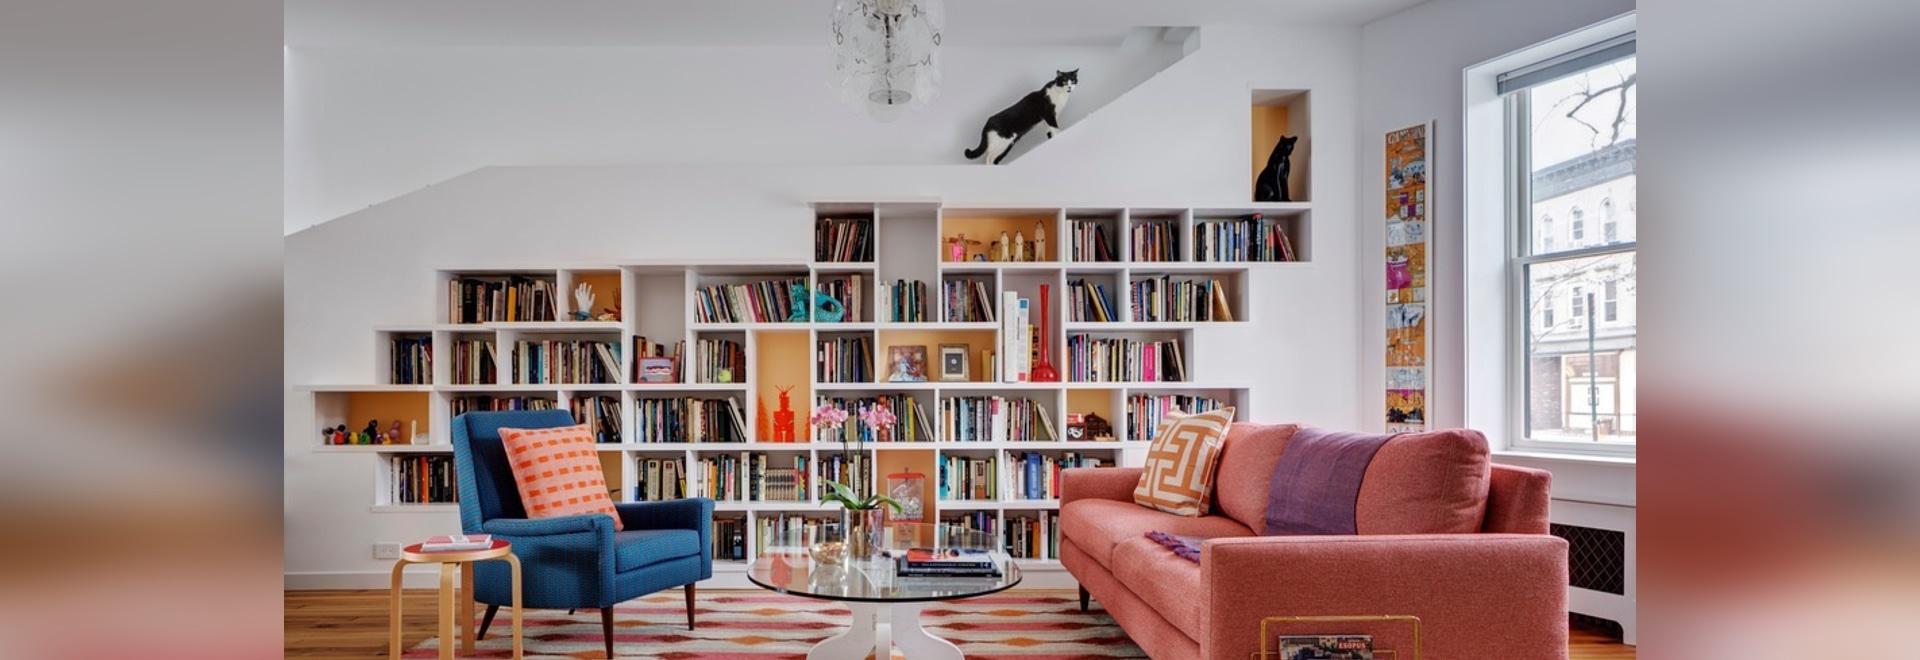 une bibliothèque intégrée conçue pour des lignes de chats un mur